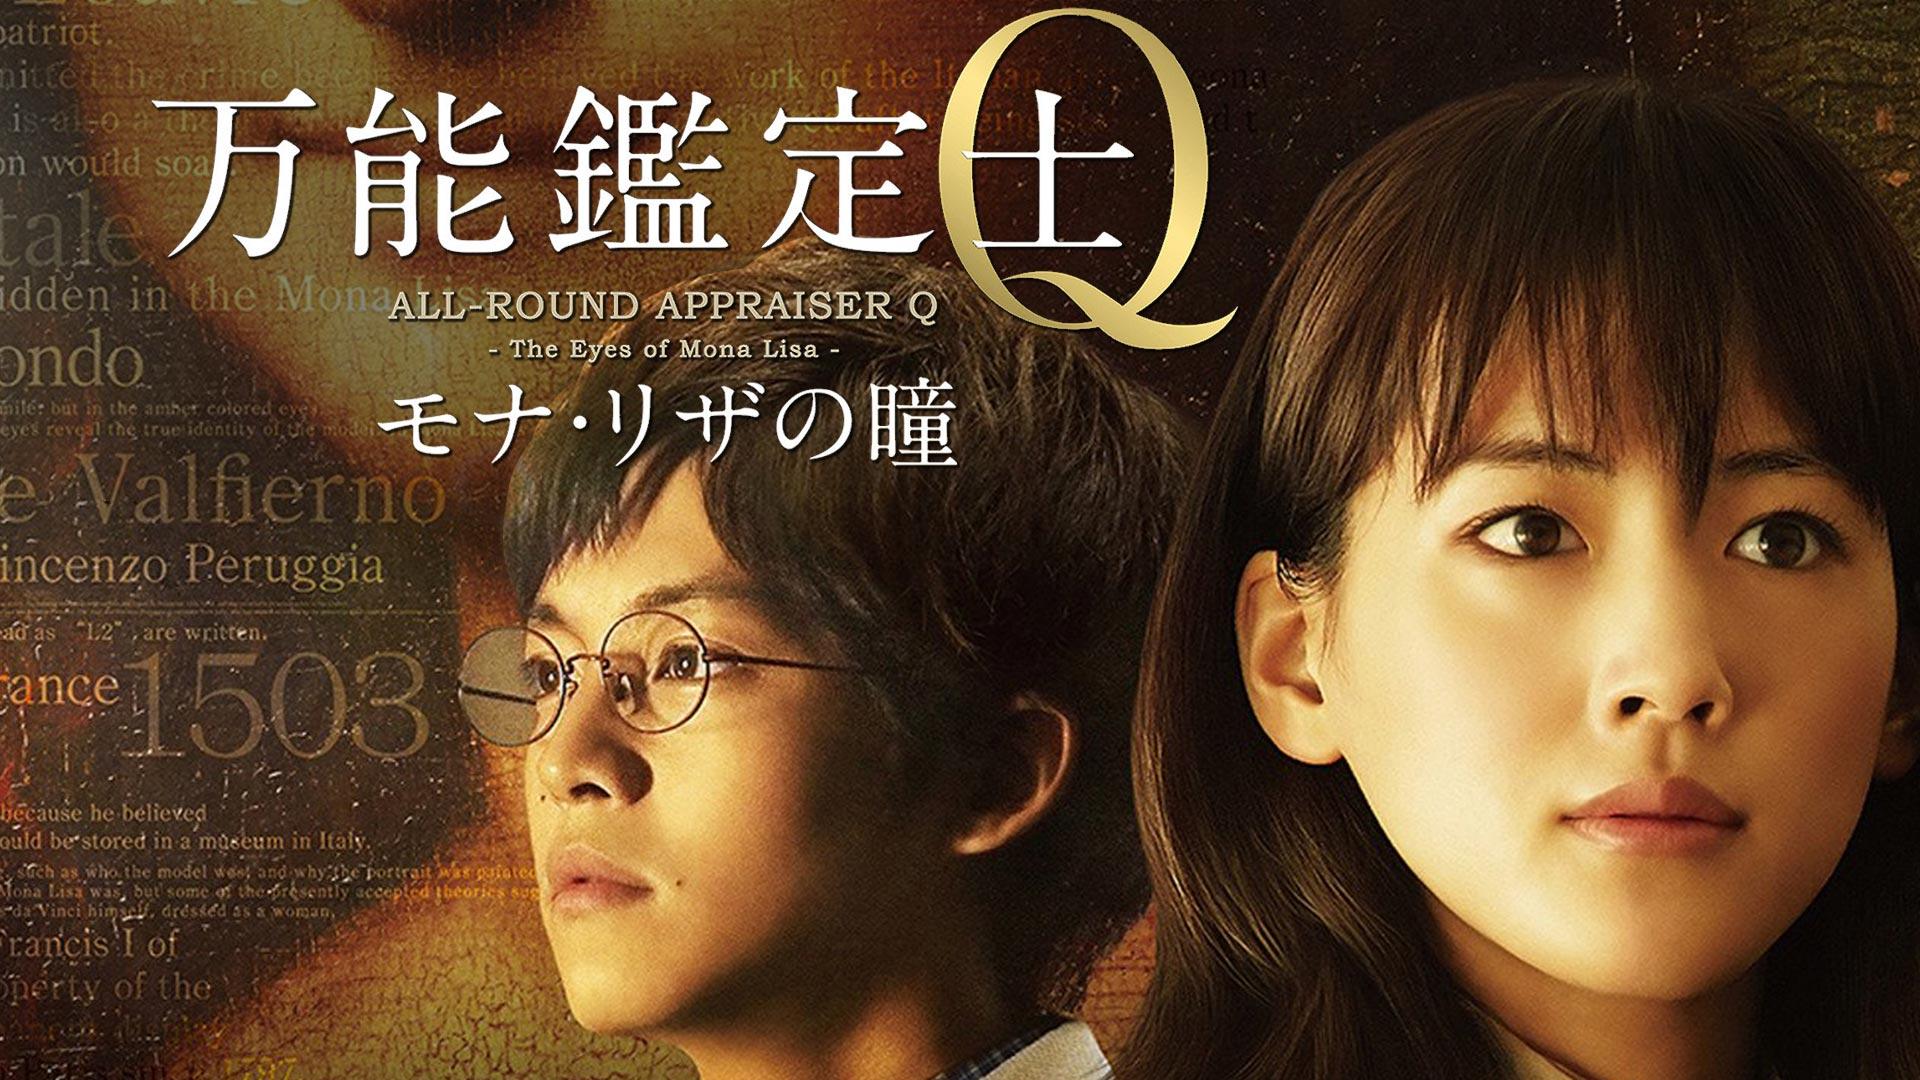 映画「万能鑑定士Q -モナ・リザの瞳-」【TBSオンデマンド】